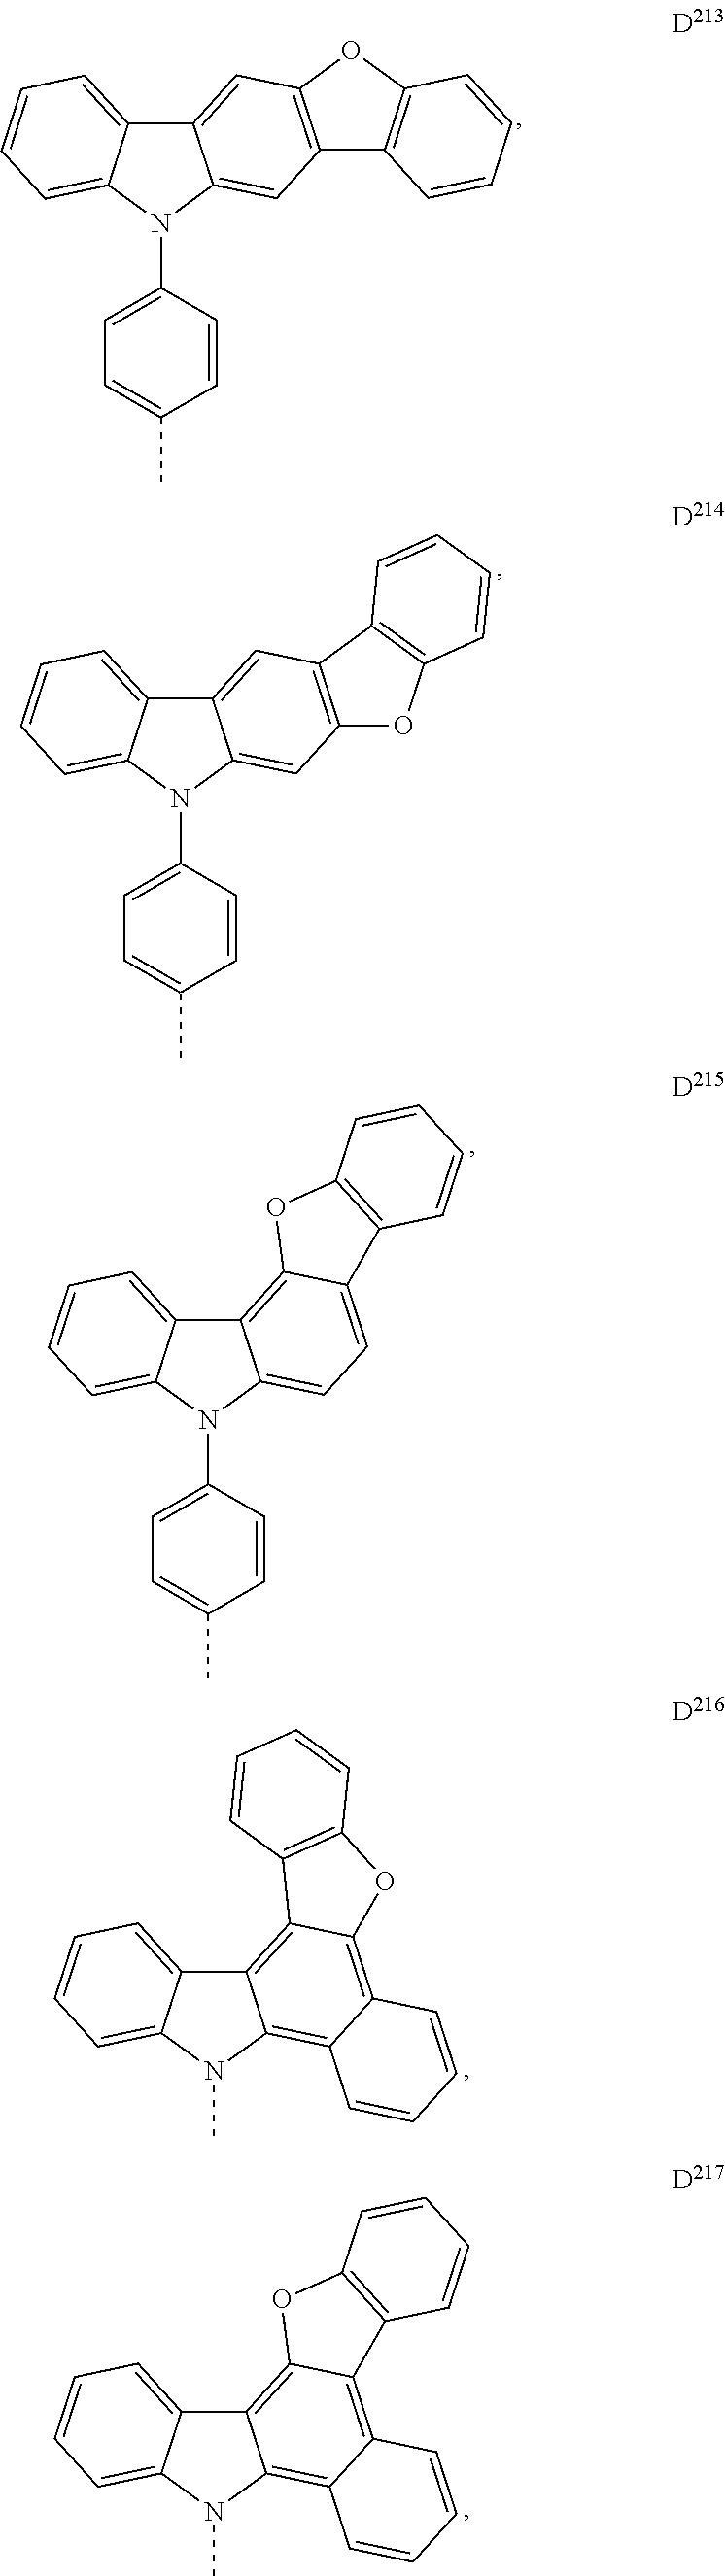 Figure US20170033295A1-20170202-C00238